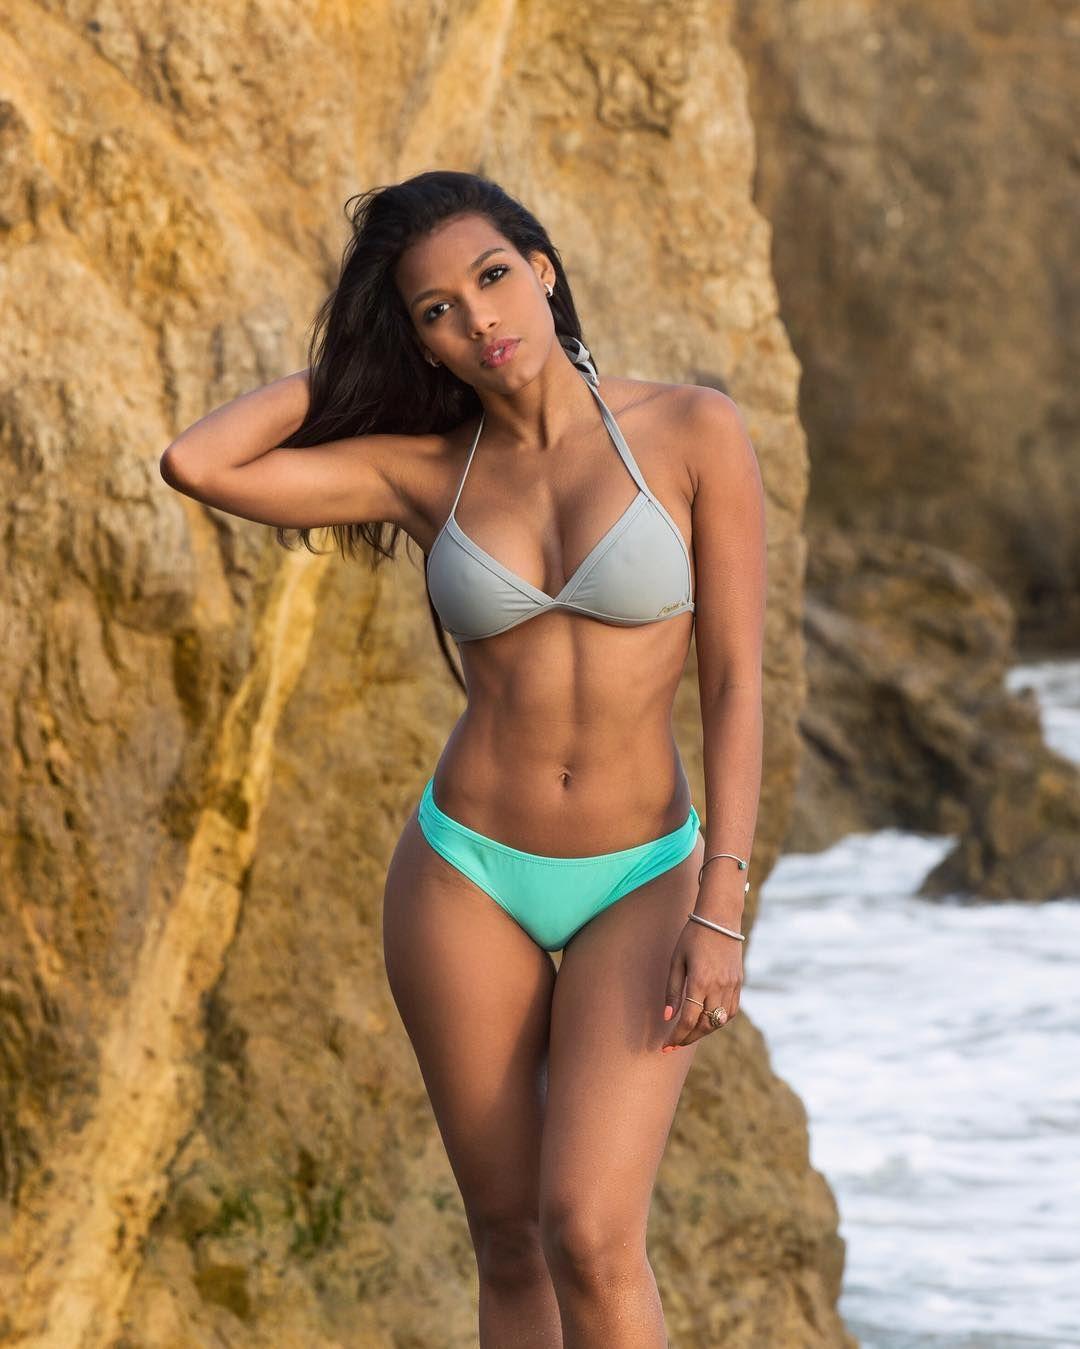 I want to be a bikini model